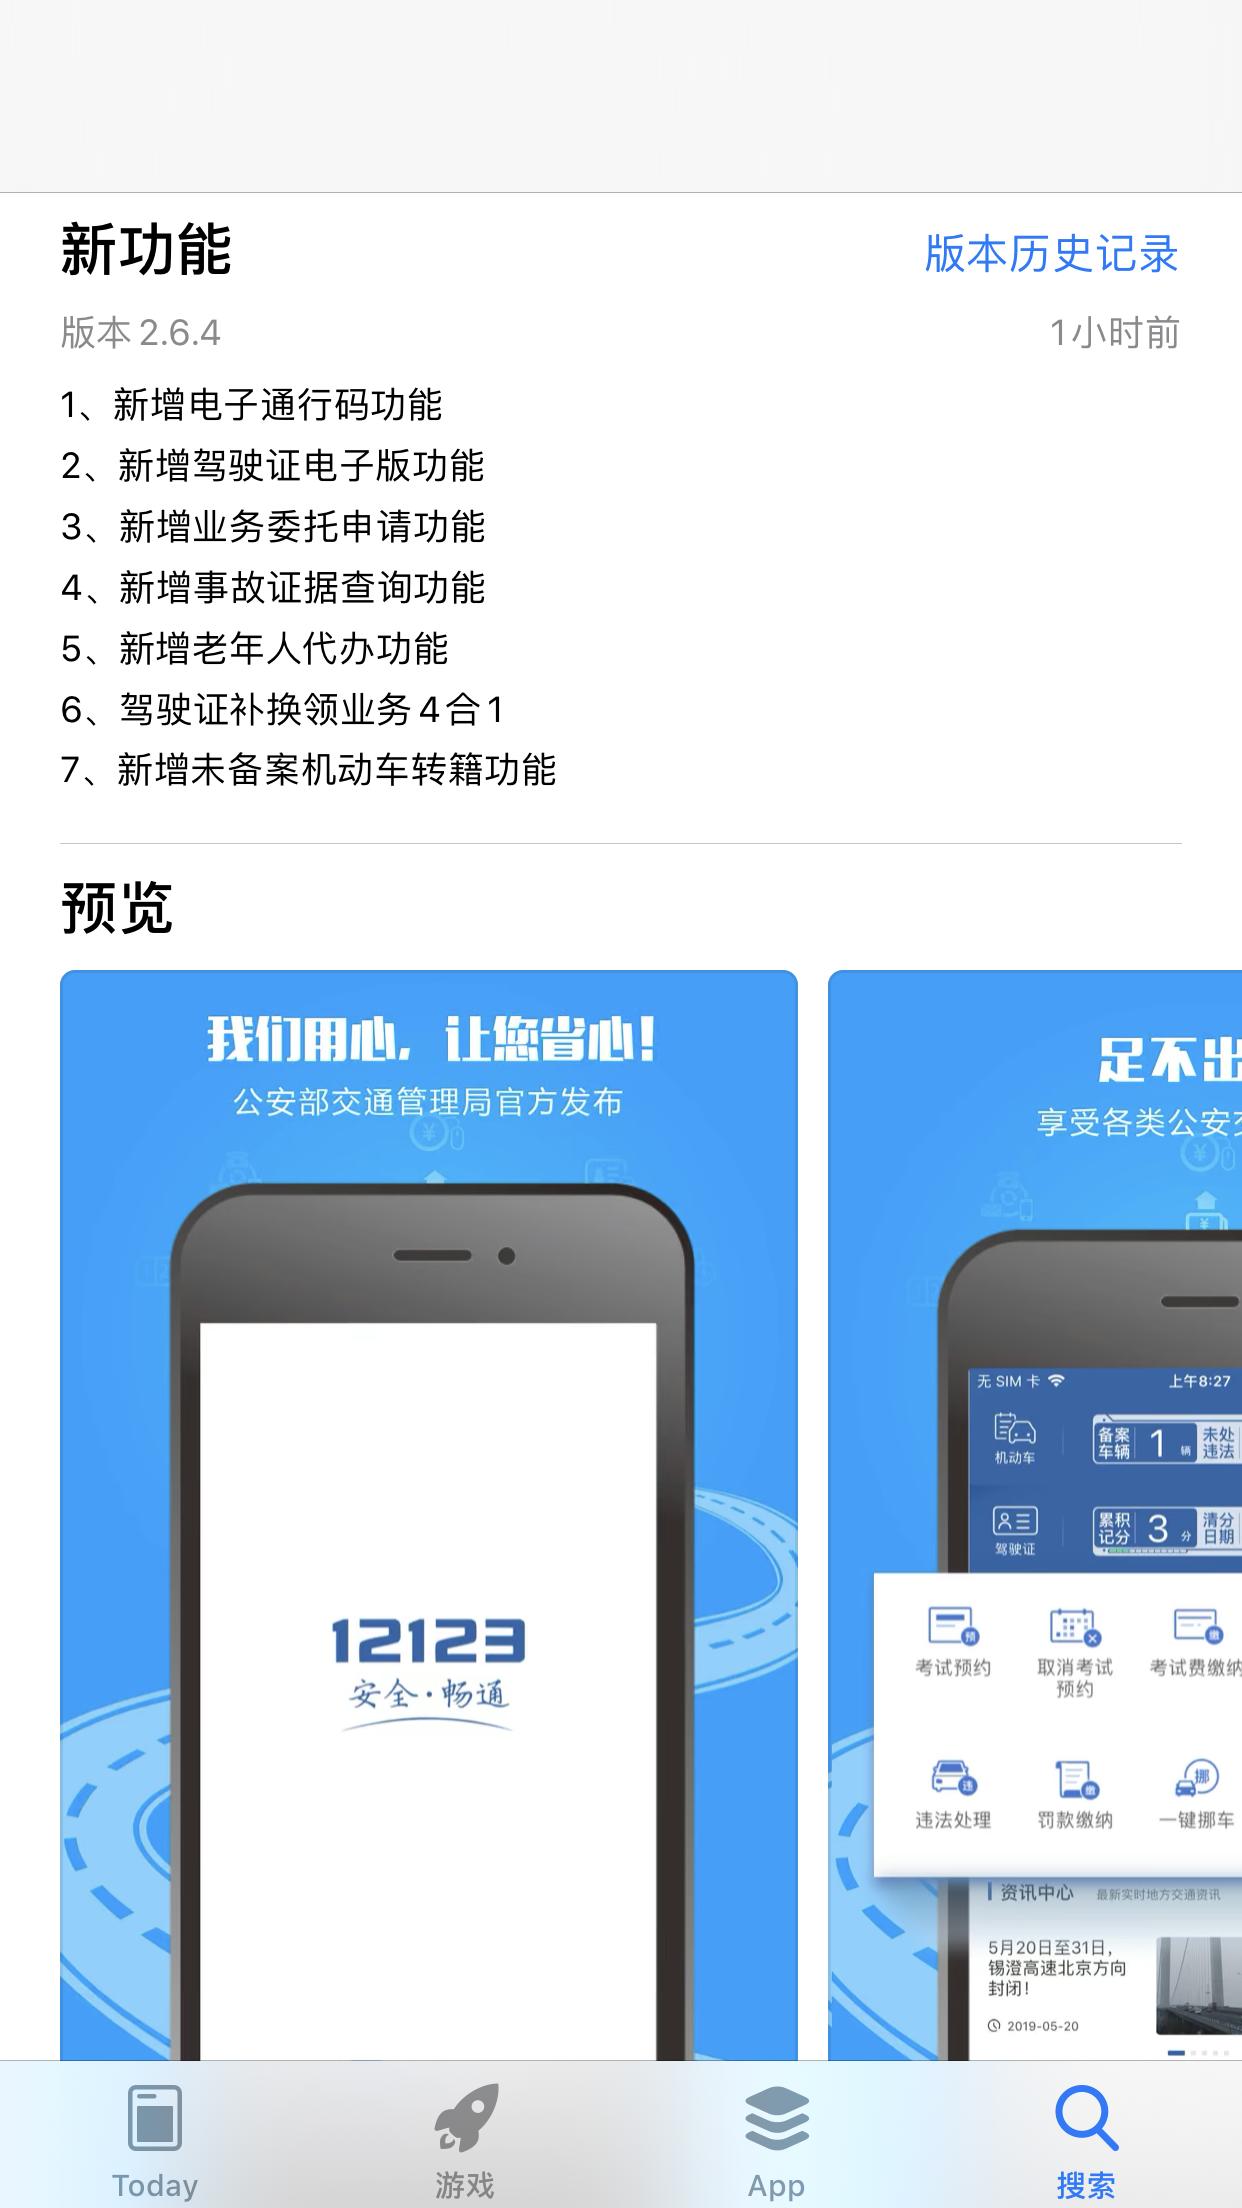 交管 12123 iOS 版发布 2.6.4 版本更新 新增驾驶证电子版